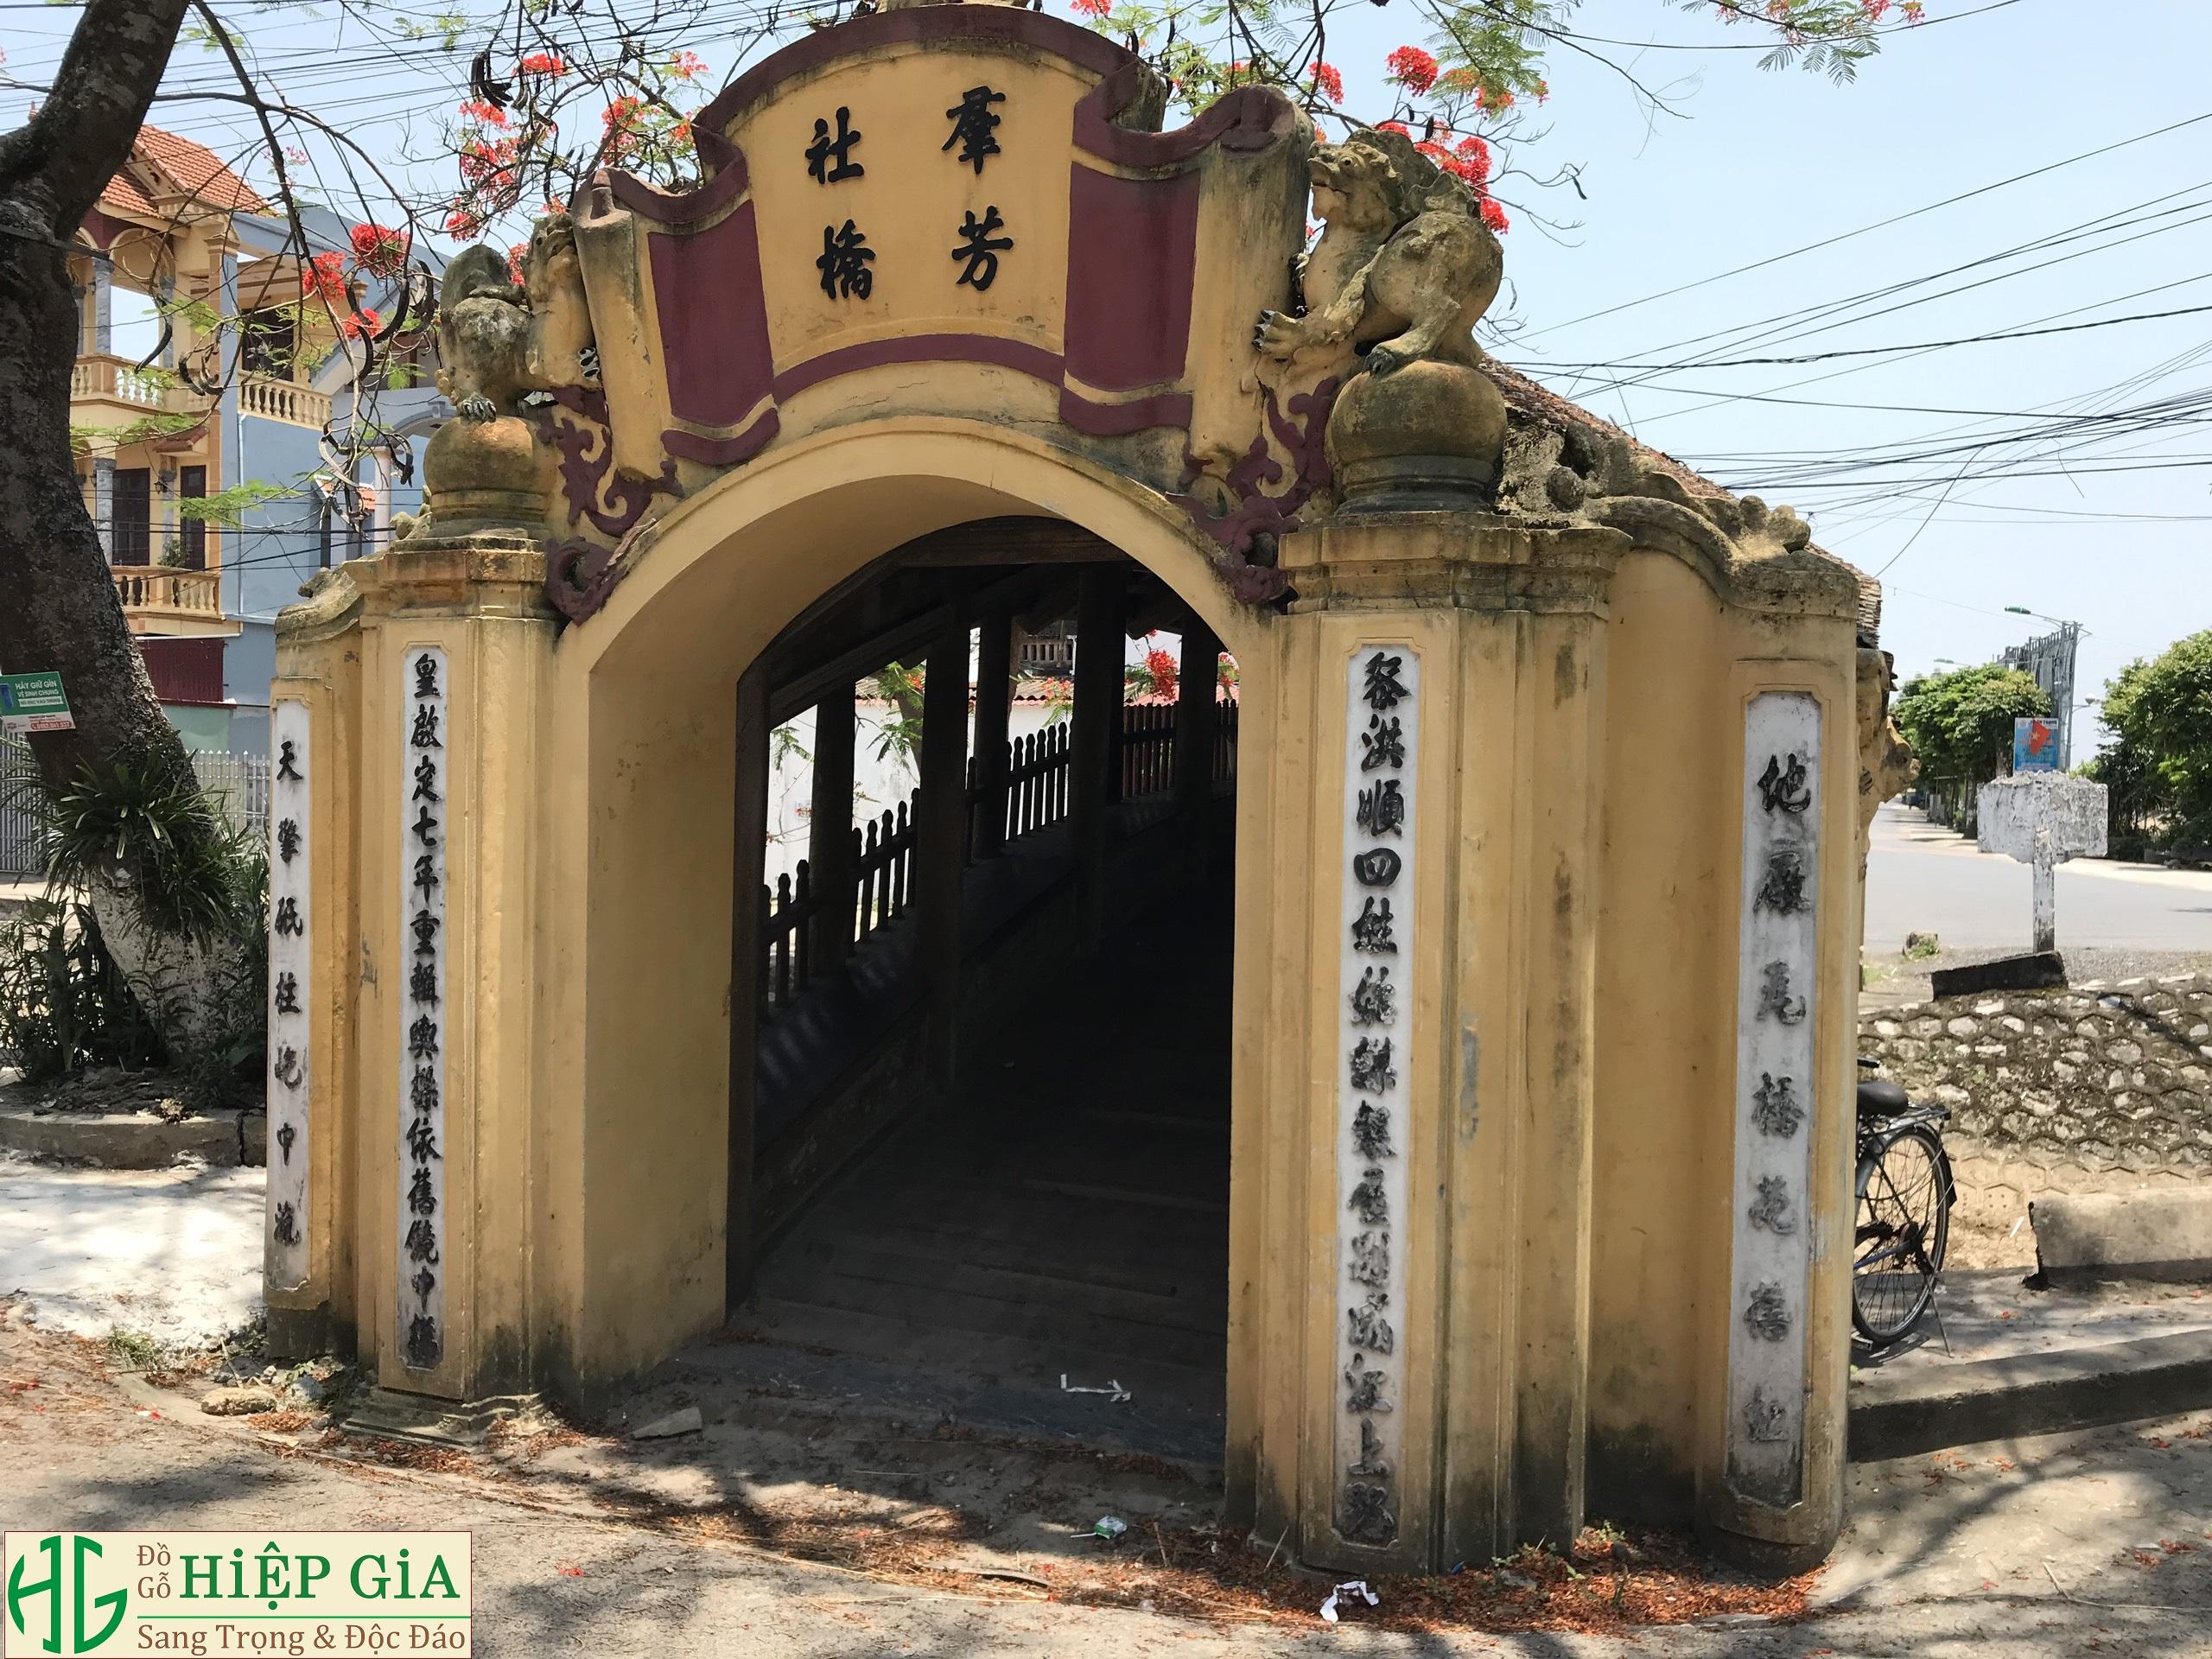 z1393026429469 5008bcfcc9c75a8759145b0ce036825e - Cây Cầu Ngói Cổ 500 Năm Đẹp Nhất Việt Nam